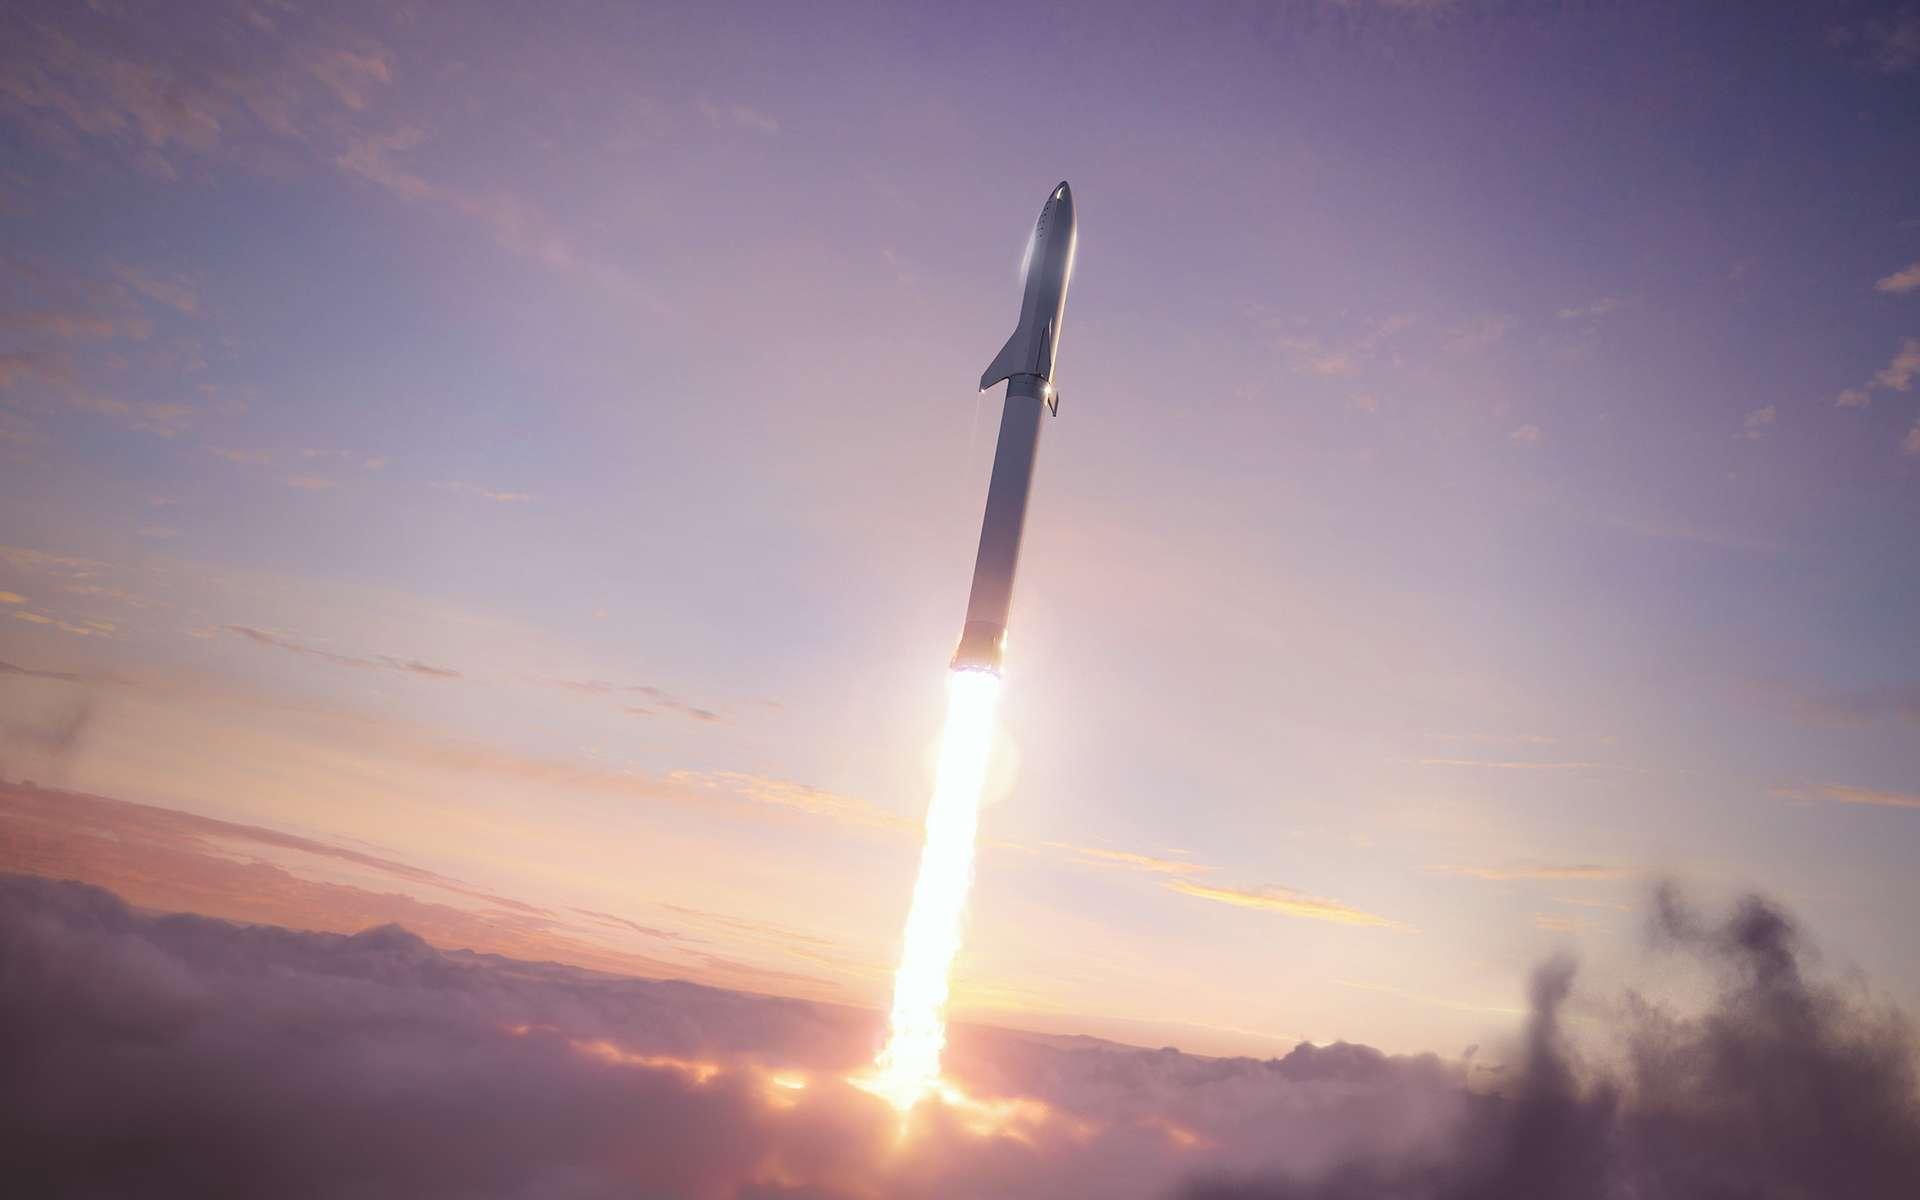 Vue d'artiste du Starship de SpaceX. Ce lanceur à deux étages est constitué d'un étage principal, nommé Super Heavy et de Starship qui désigne le véhicule de transport spatial et l'étage supérieur du lanceur. Ce système de lancement a pour vocation de remplacer l'ensemble de la gamme actuelle de lanceurs de SpaceX. © SpaceX